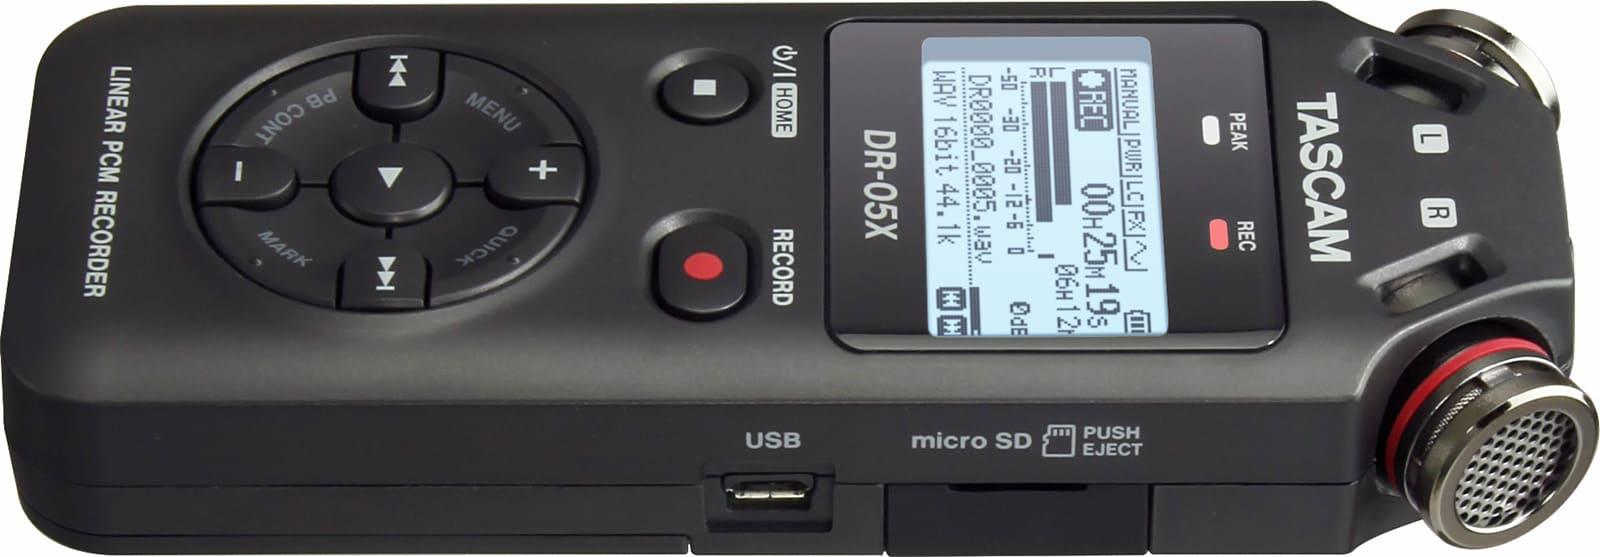 USB & microSD - TASCAM DR-05X Erfahrung